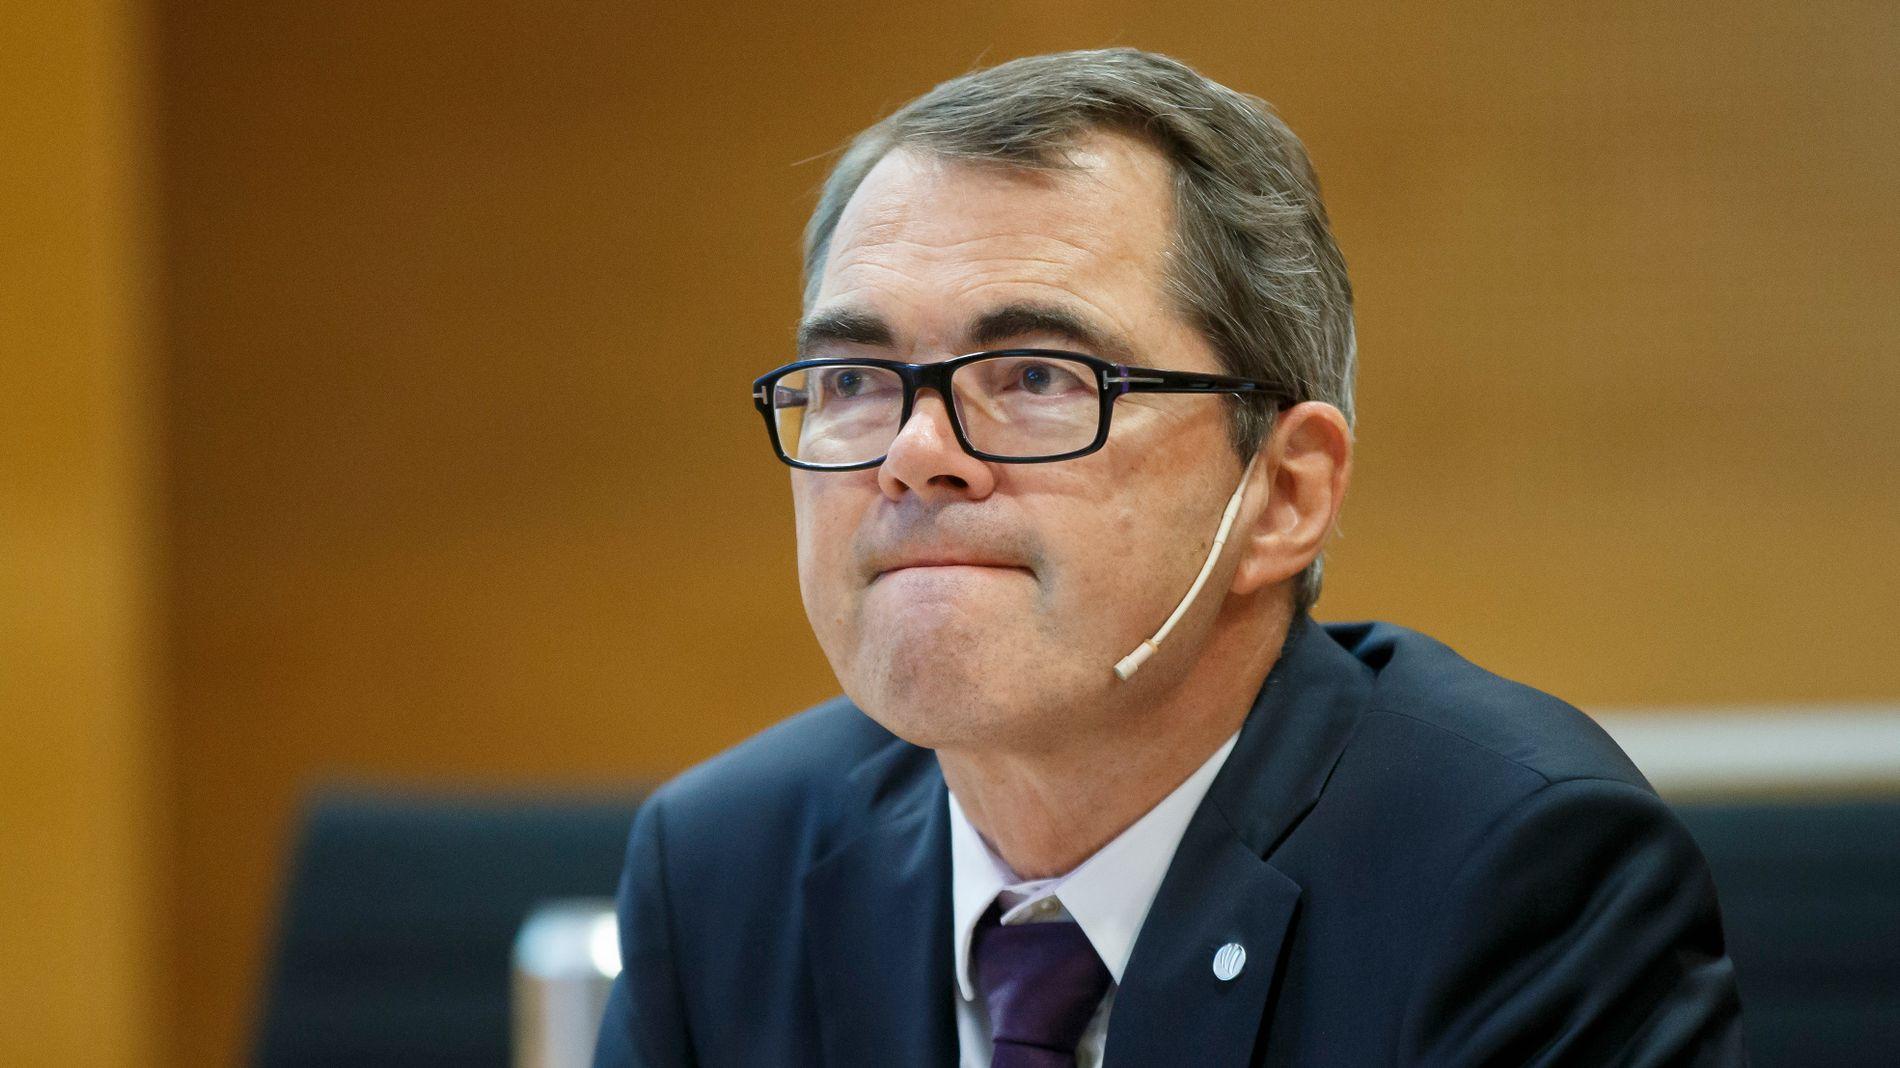 FÅR KRITIKK: Senterpartiet er kritiske til at Hydro-sjef Svein Richard Brandtzæg selv ble orientert om Brasil-utslipp ni dager før selskapet først innrømmet utslipp i offentligheten.